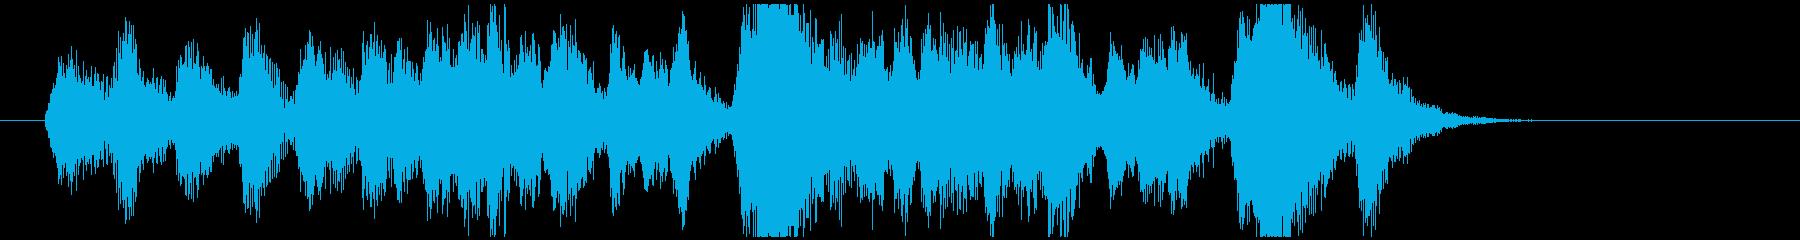 早口のコーラス入りオケの再生済みの波形